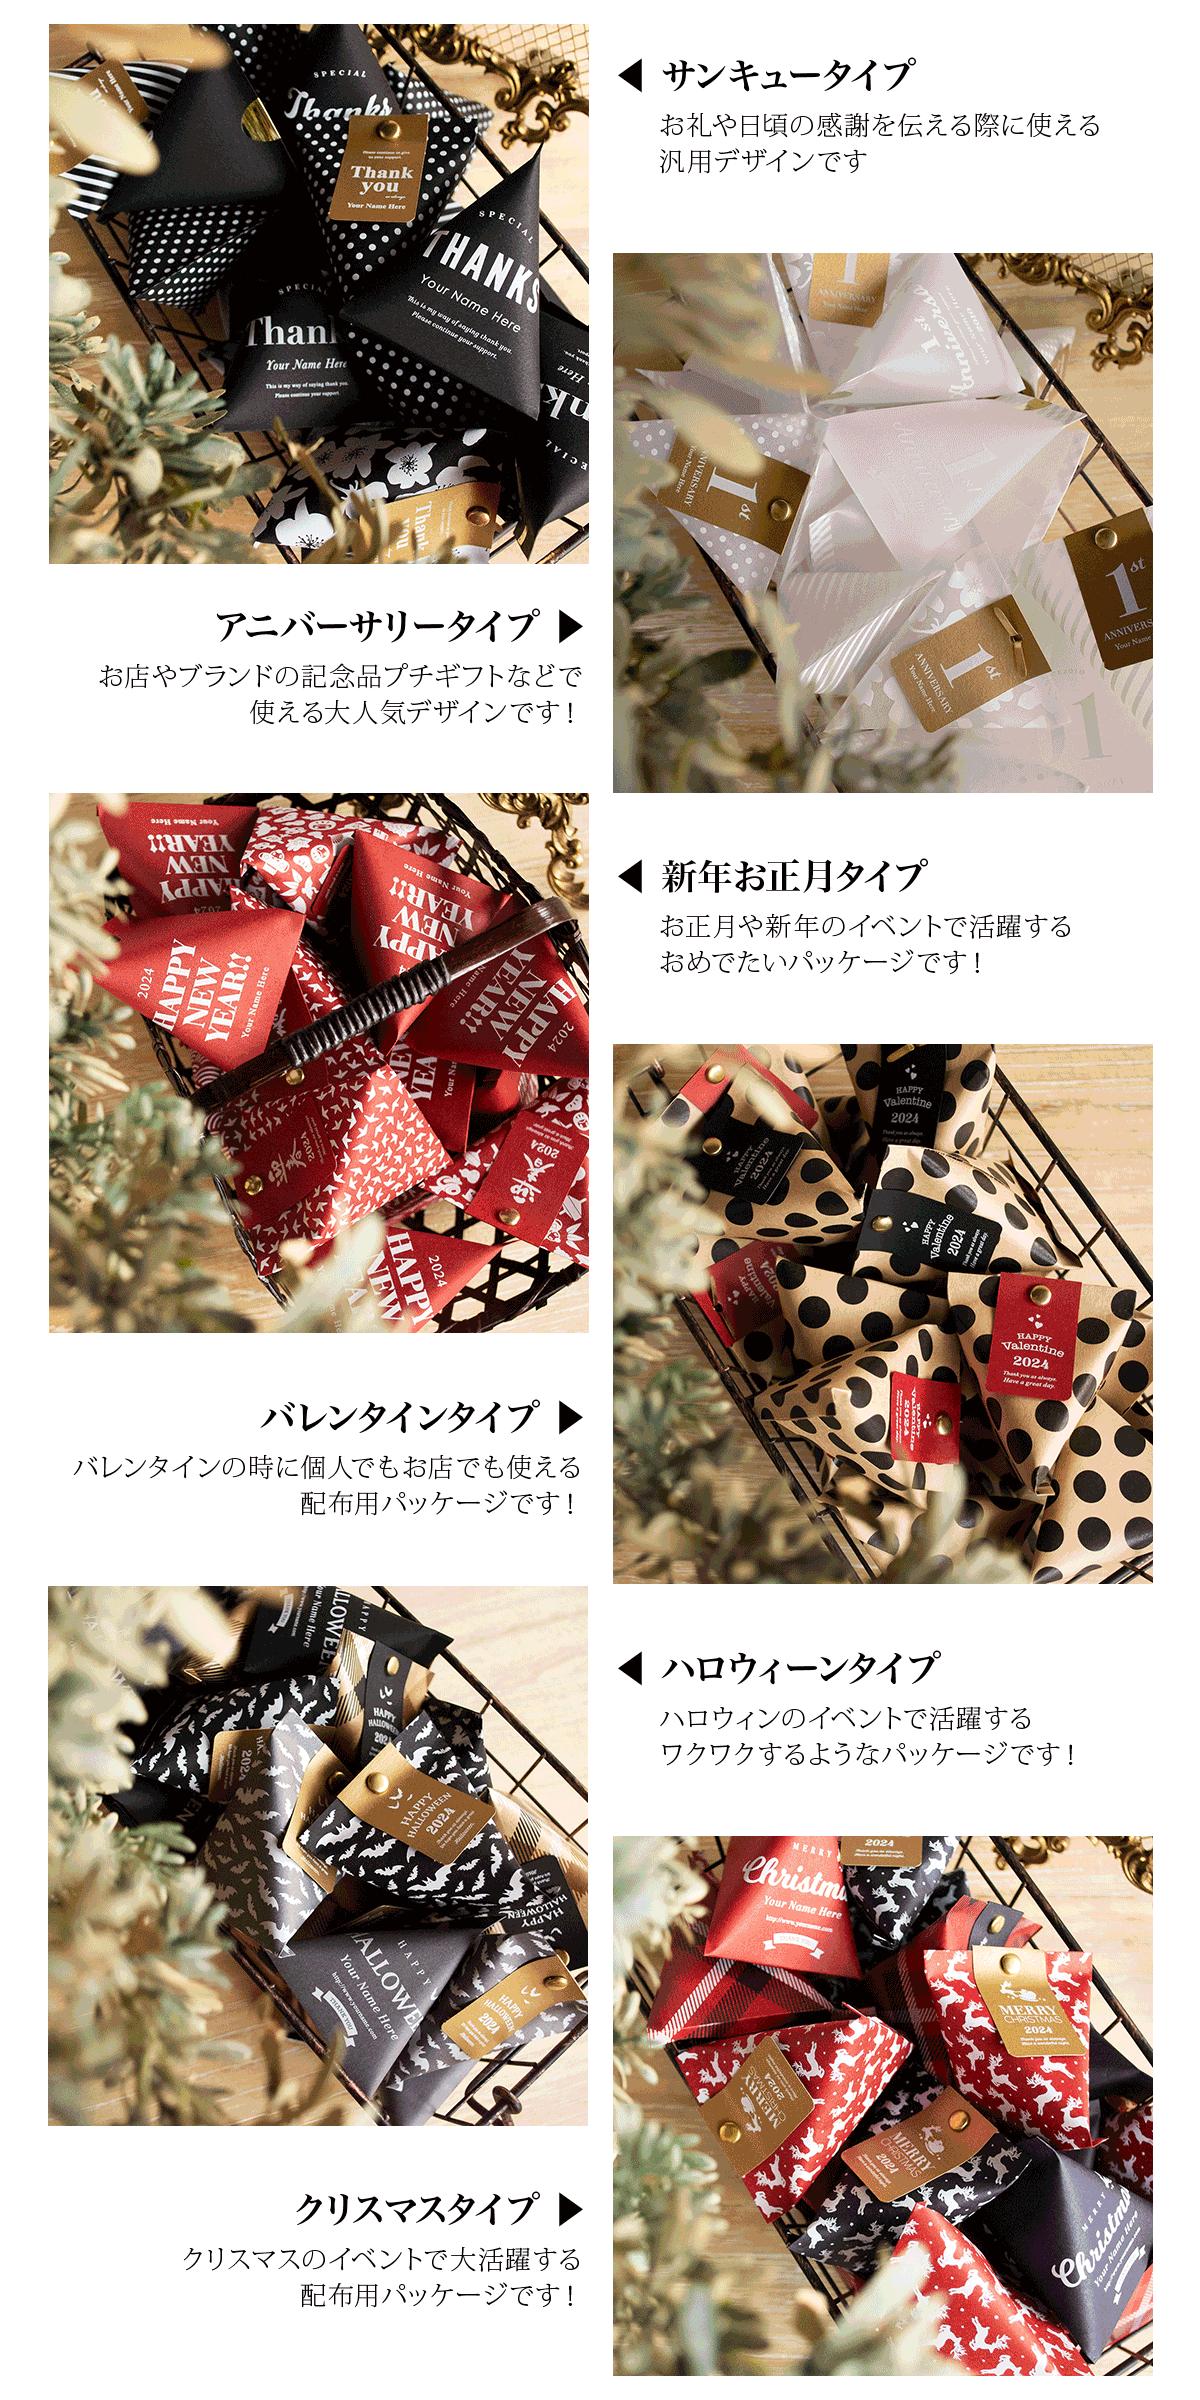 手作りお菓子 パッケージ